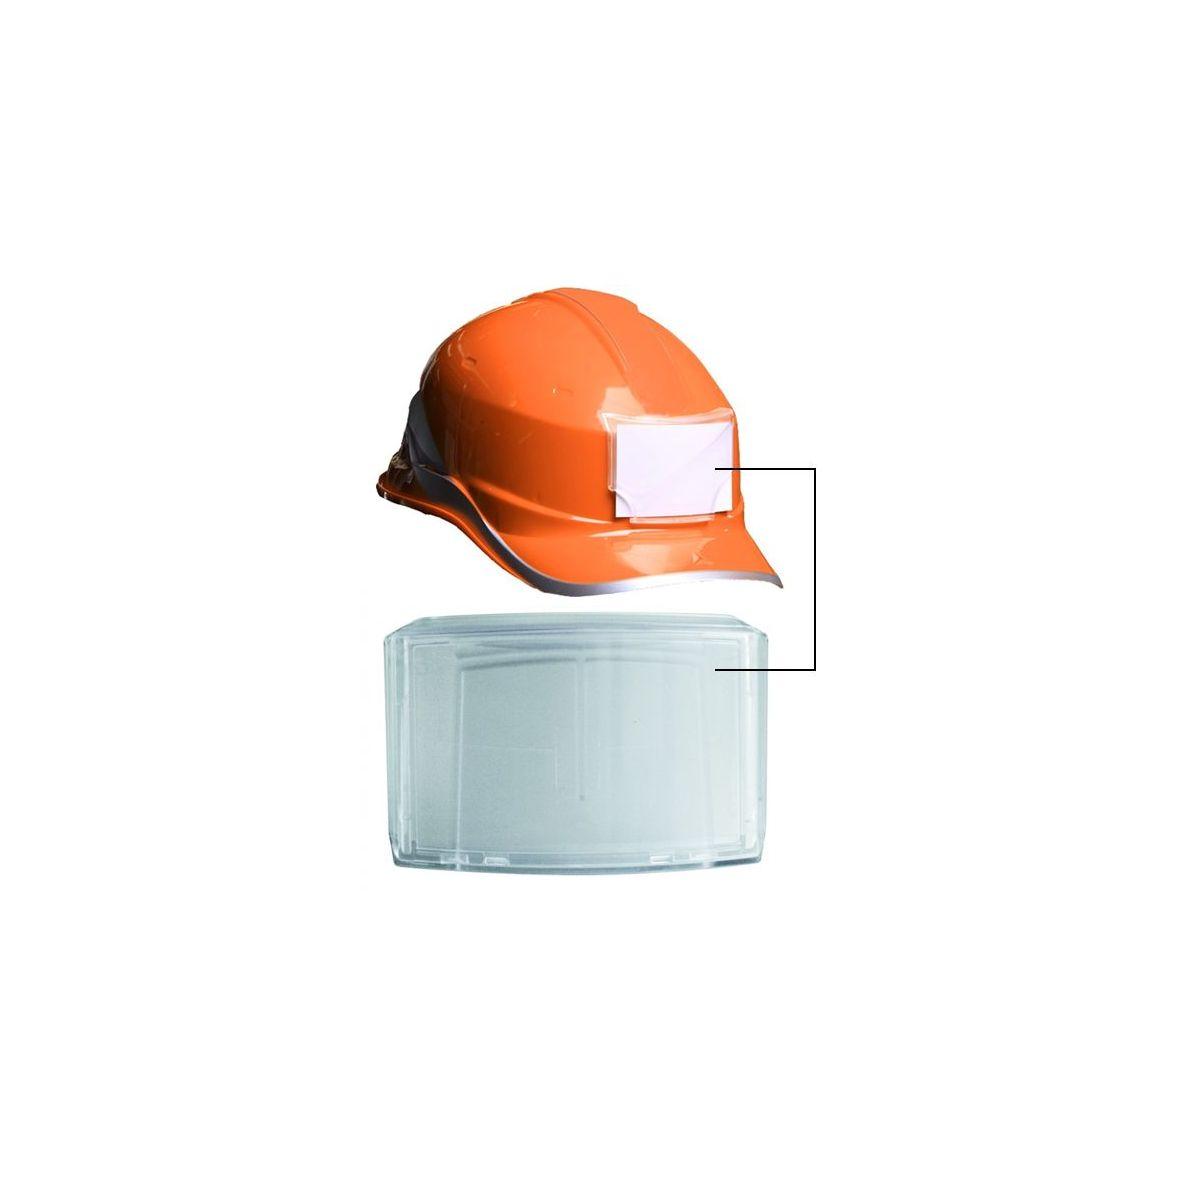 cheap sale the latest factory authentic Porte badge adhésif pour casque de chantier 85x 54 mm